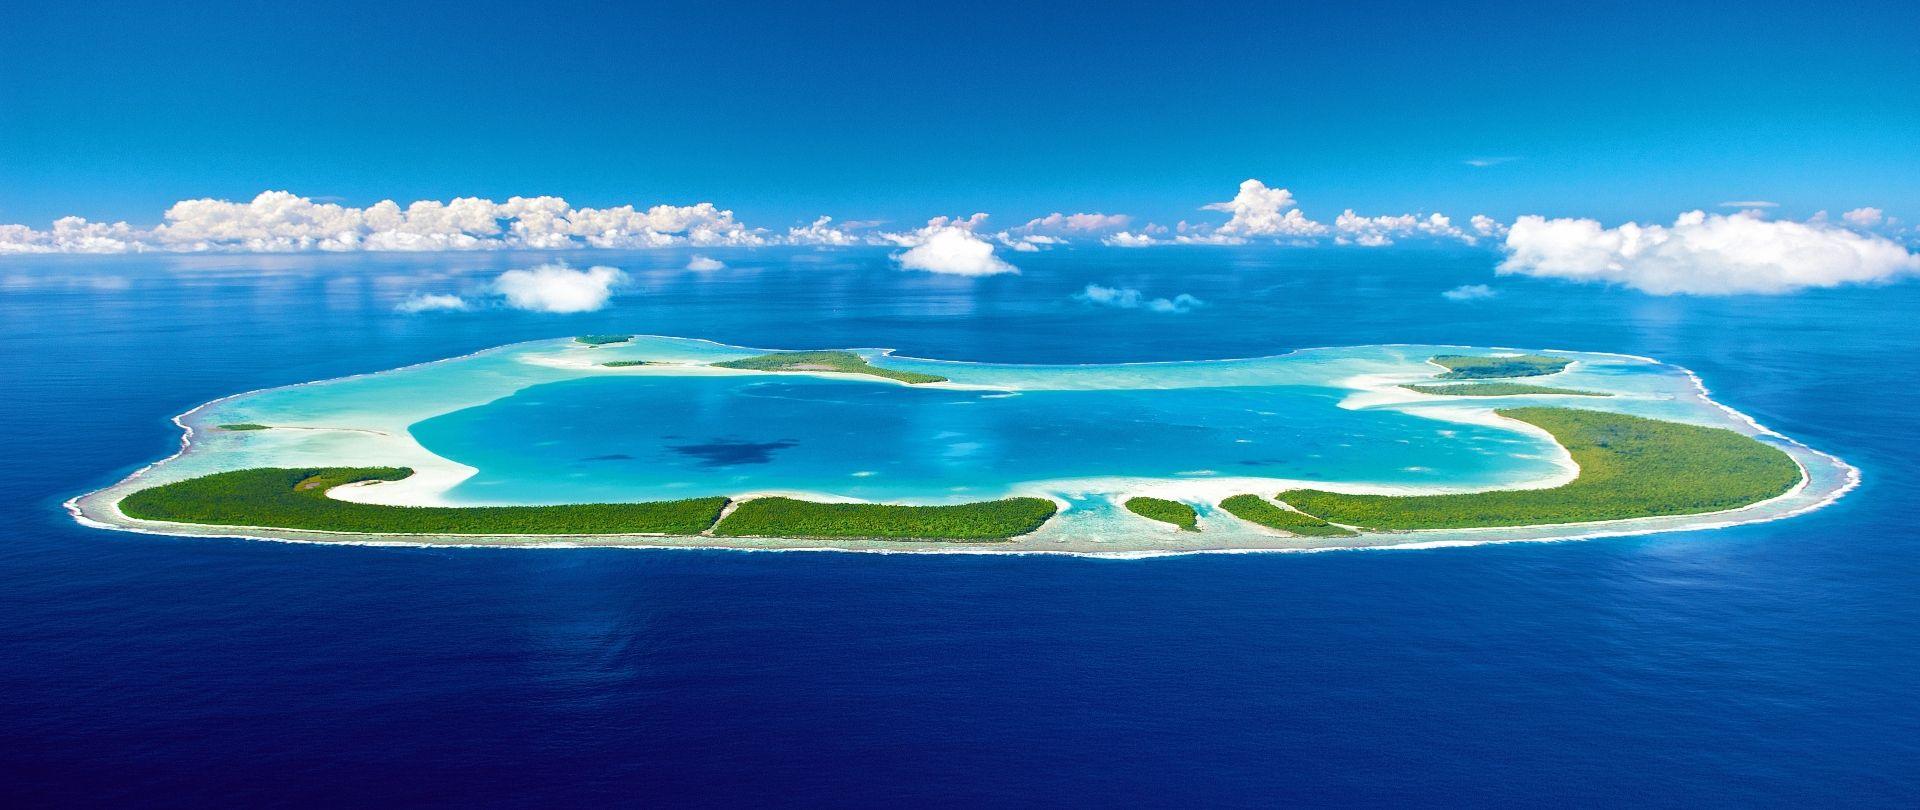 Tetiaroa atoll from above